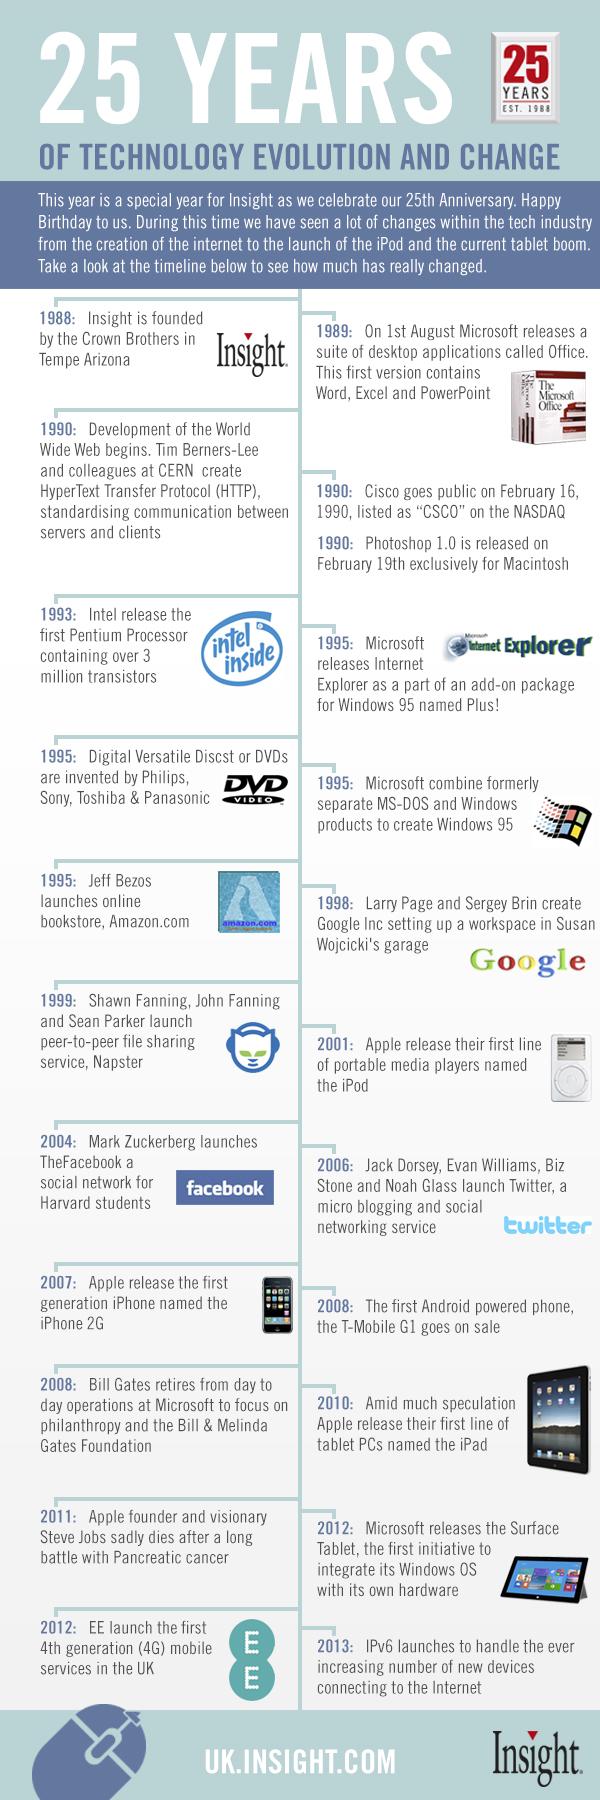 25 años de tecnología y cambio